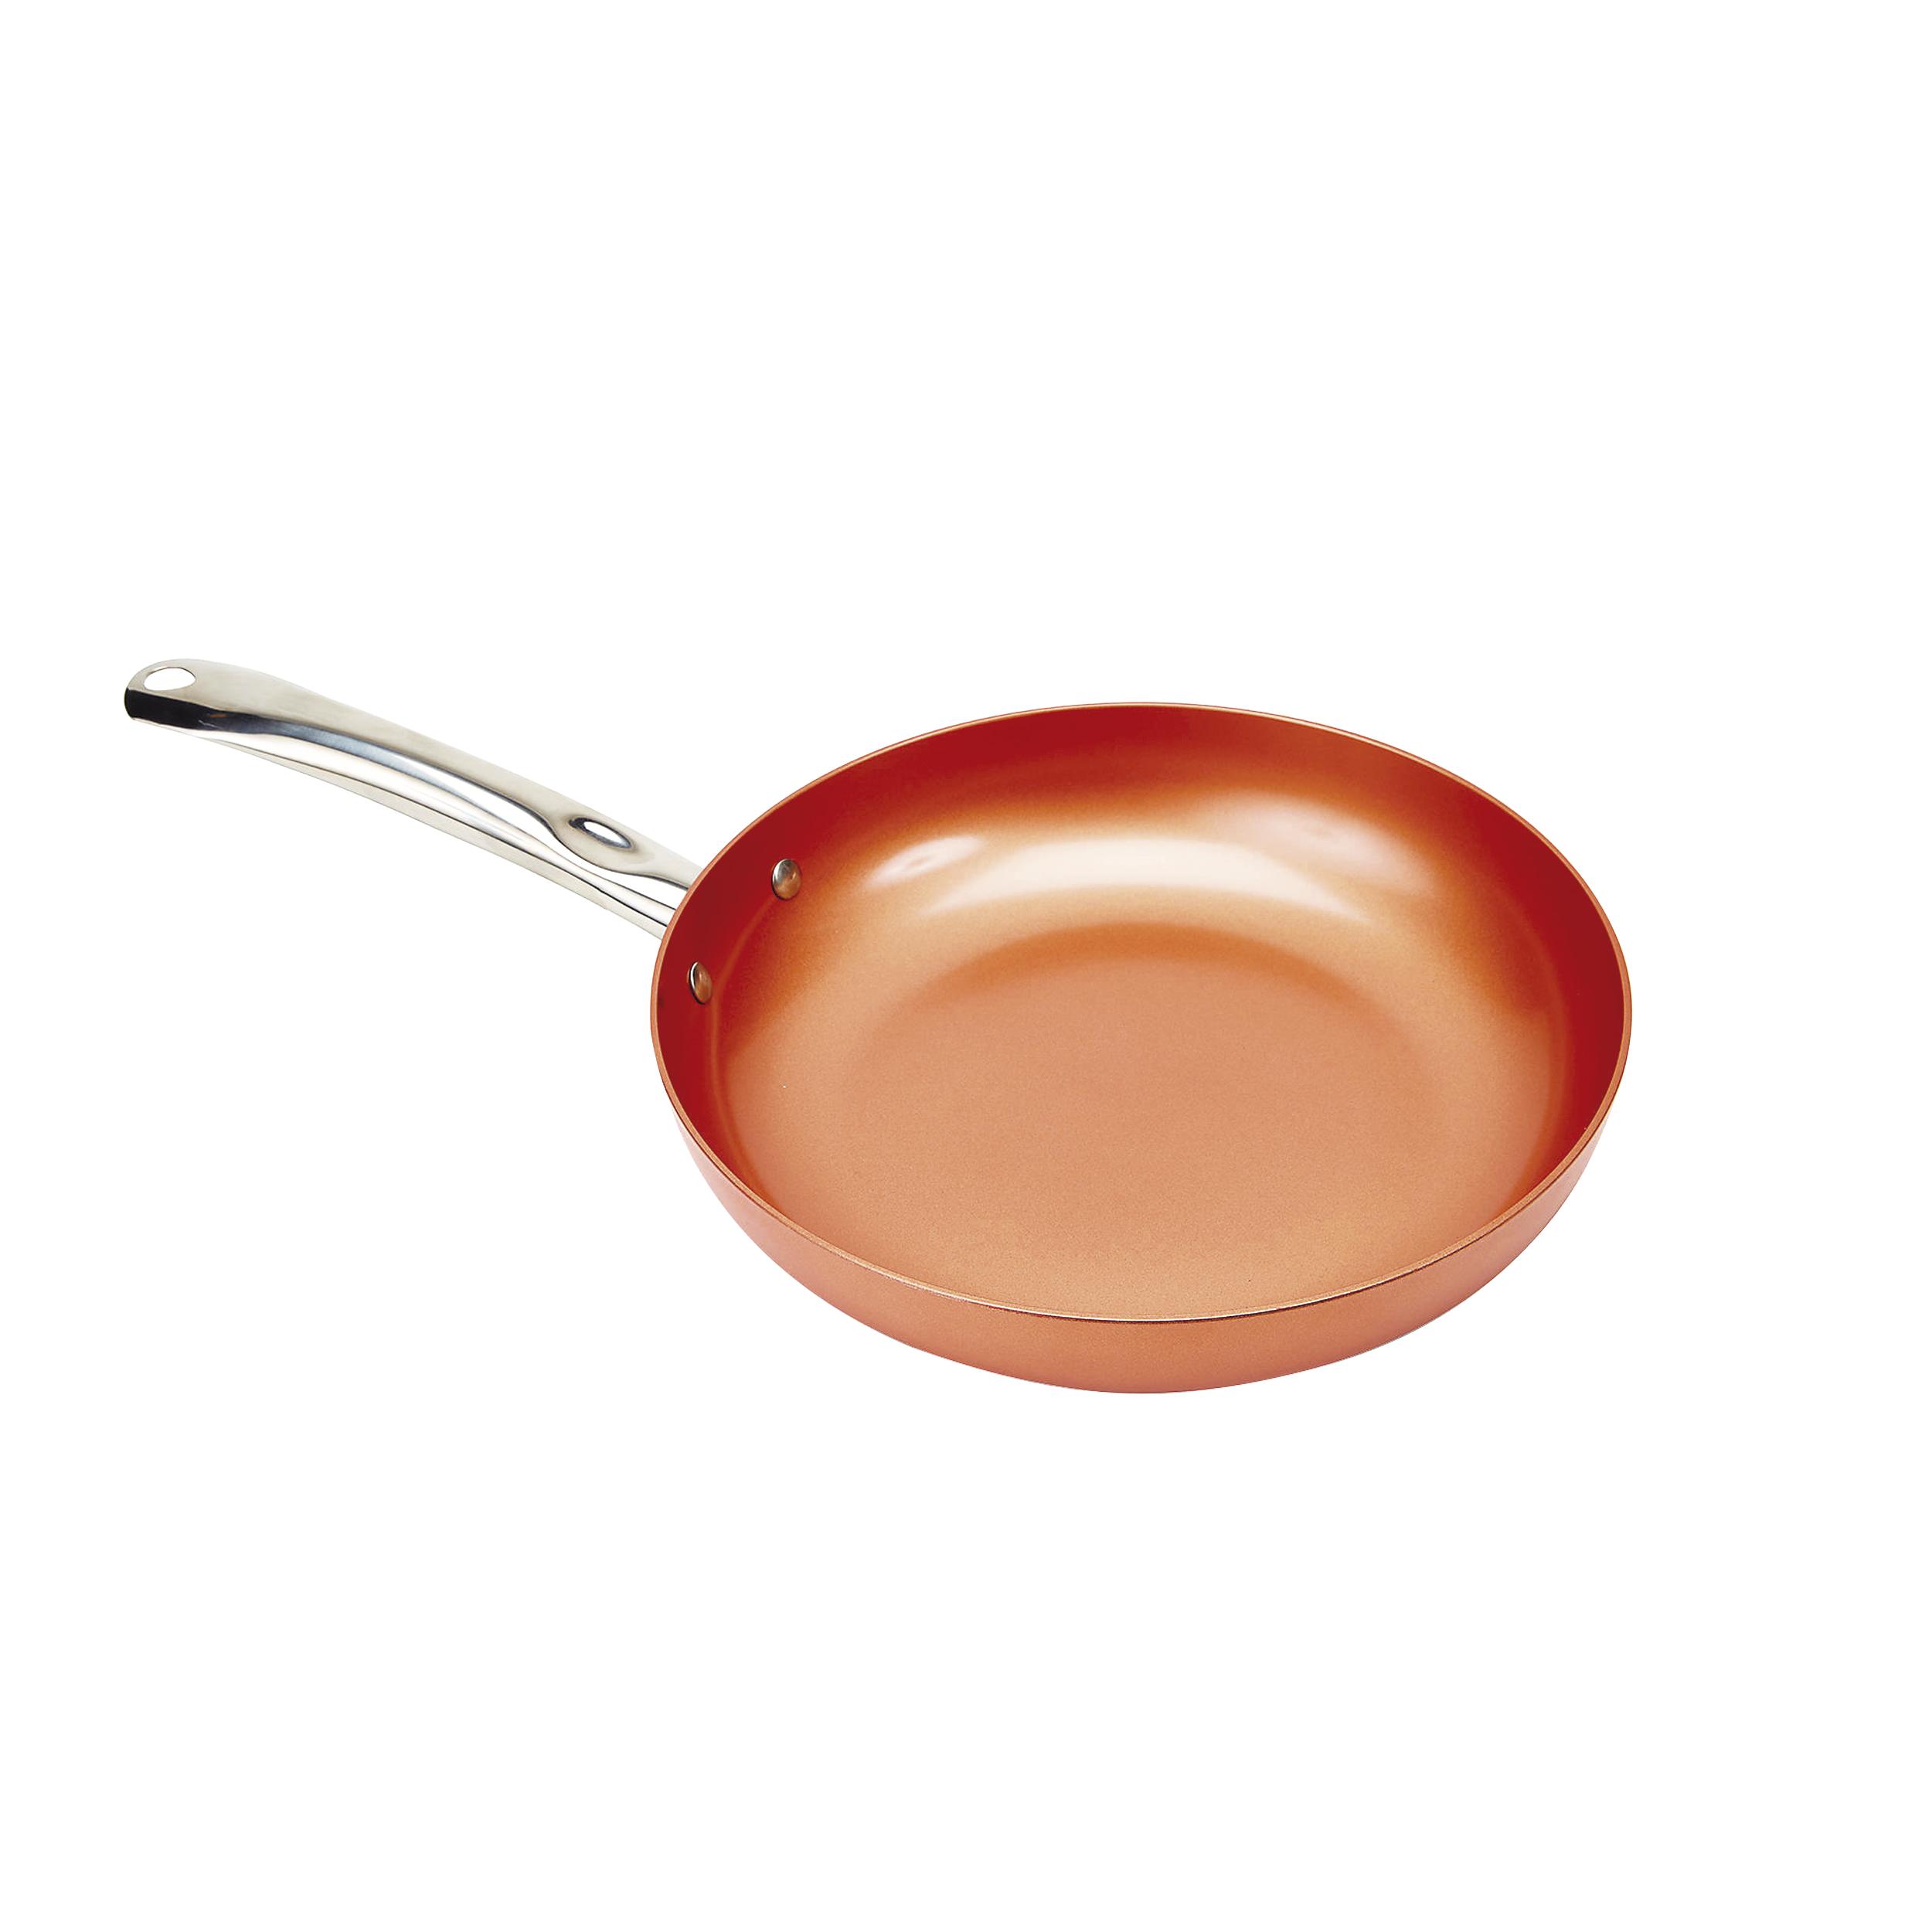 Sartén cocina saludable 28cm BN5499